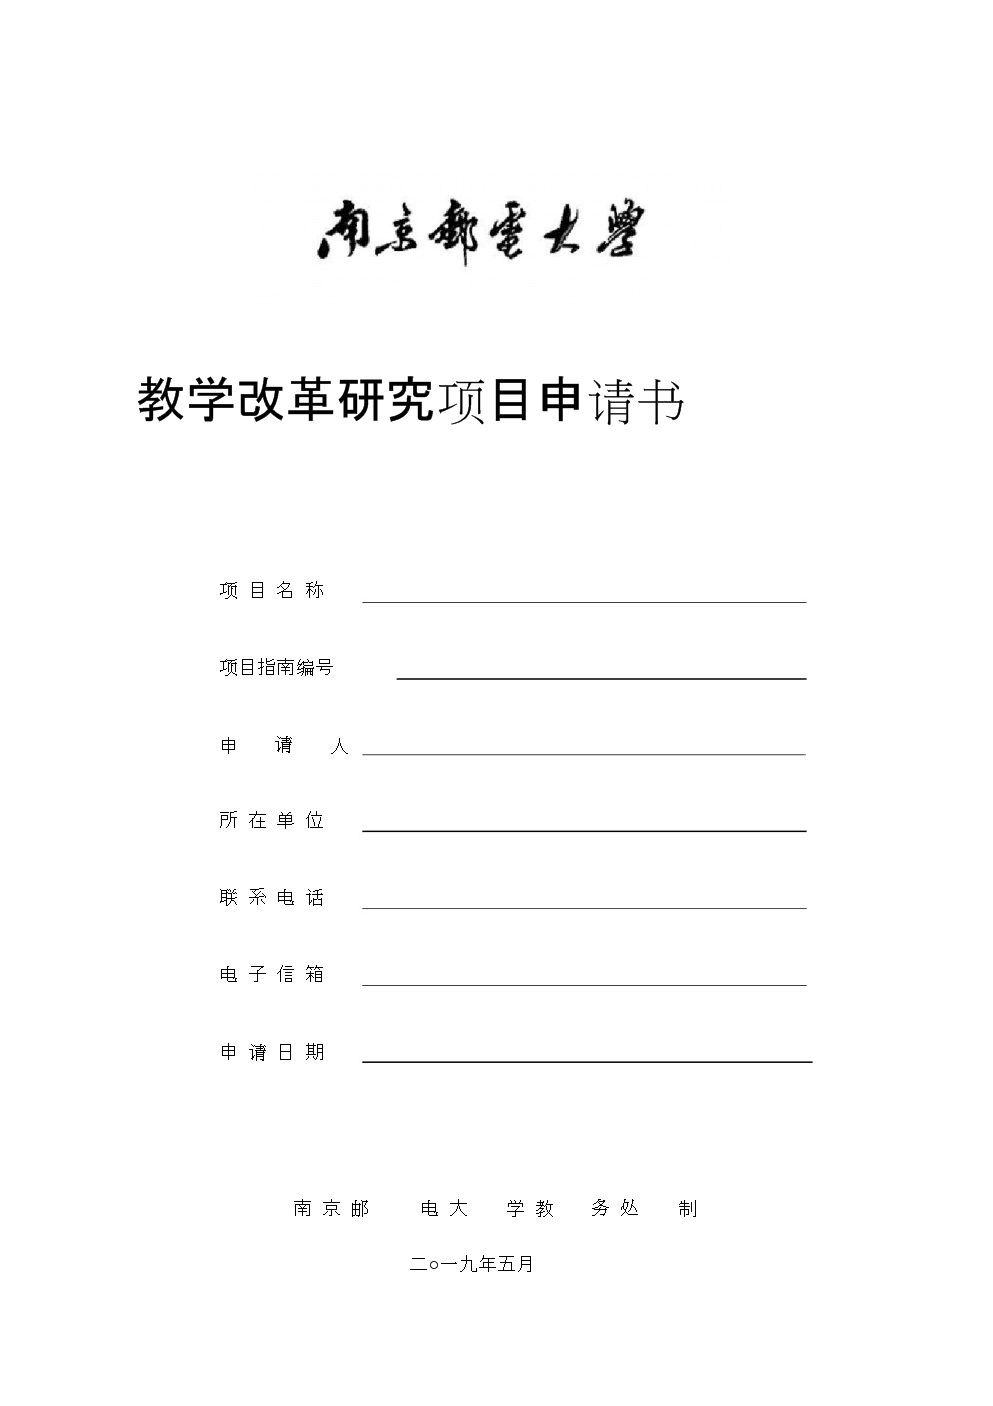 教学改革研究项目申请书文档.docx